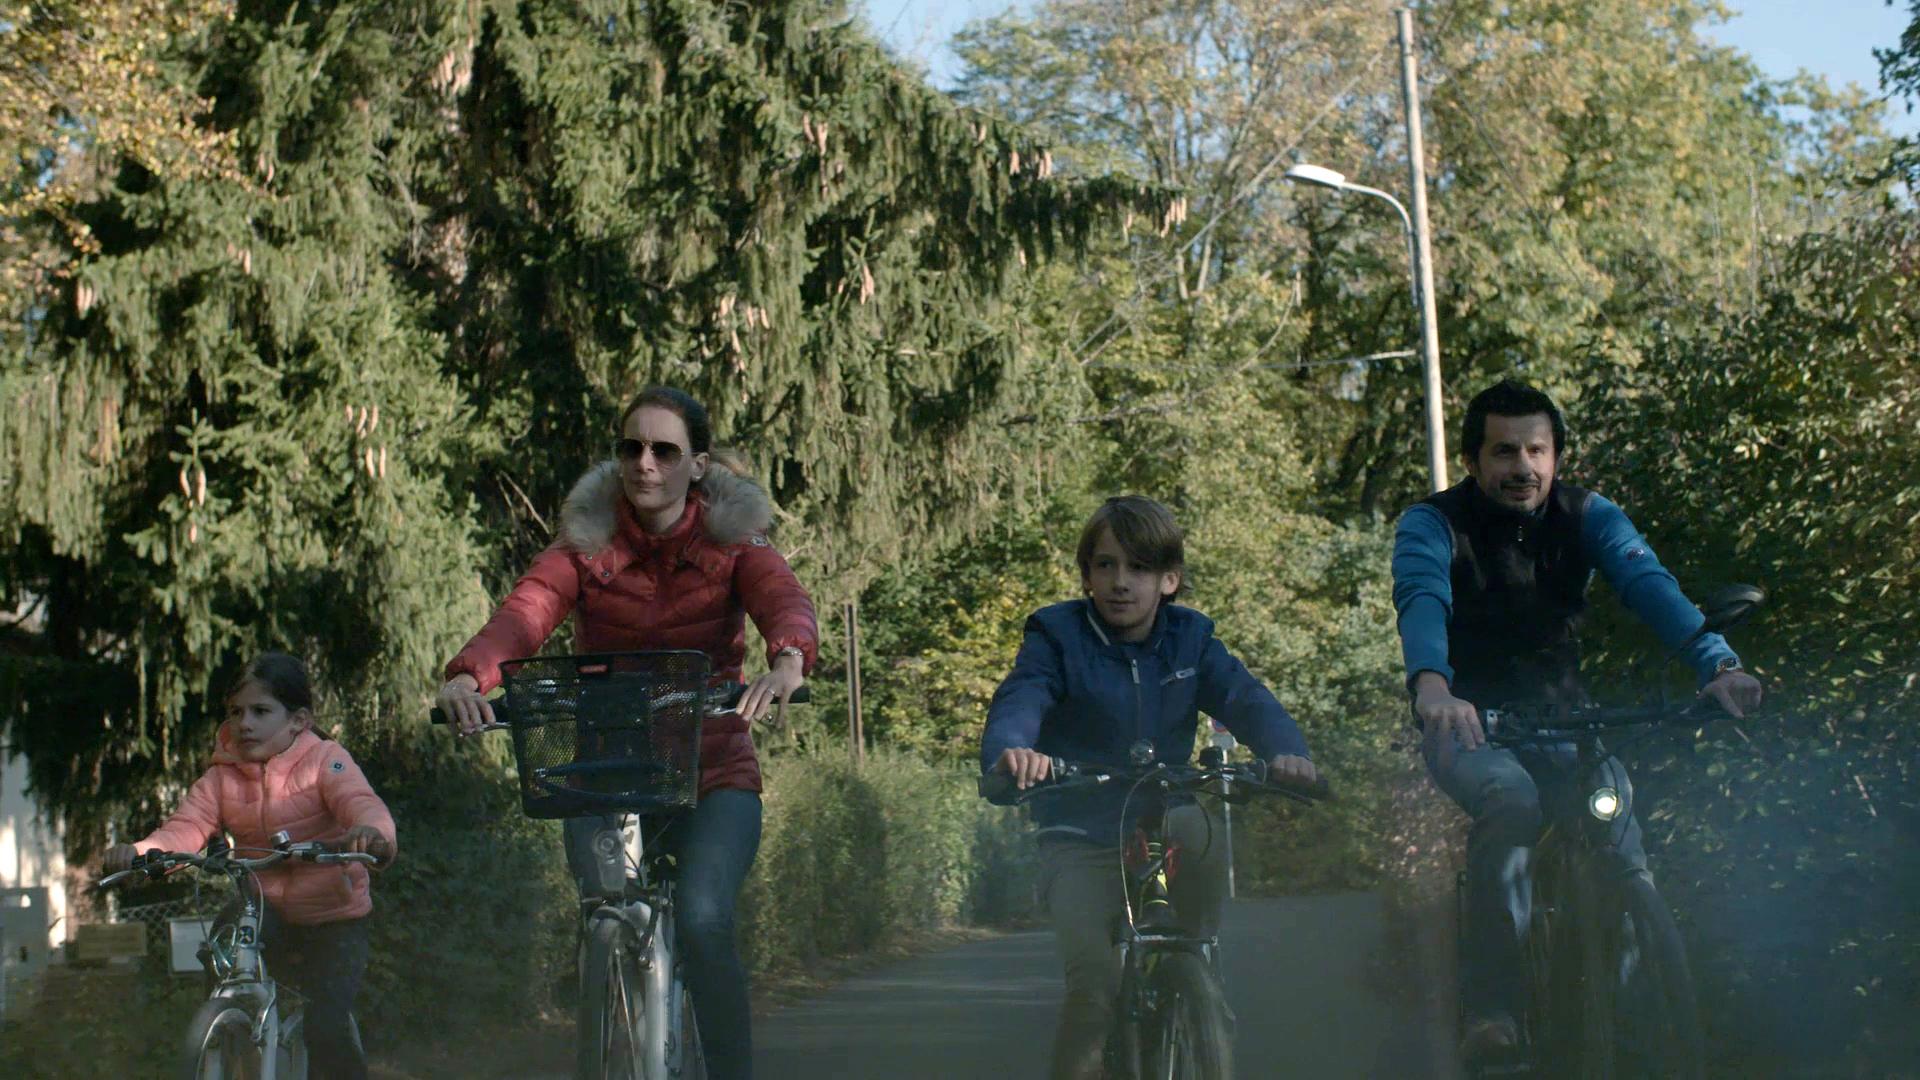 Pour leurs sorties en famille, les Petitpierre préfèrent le vélo.